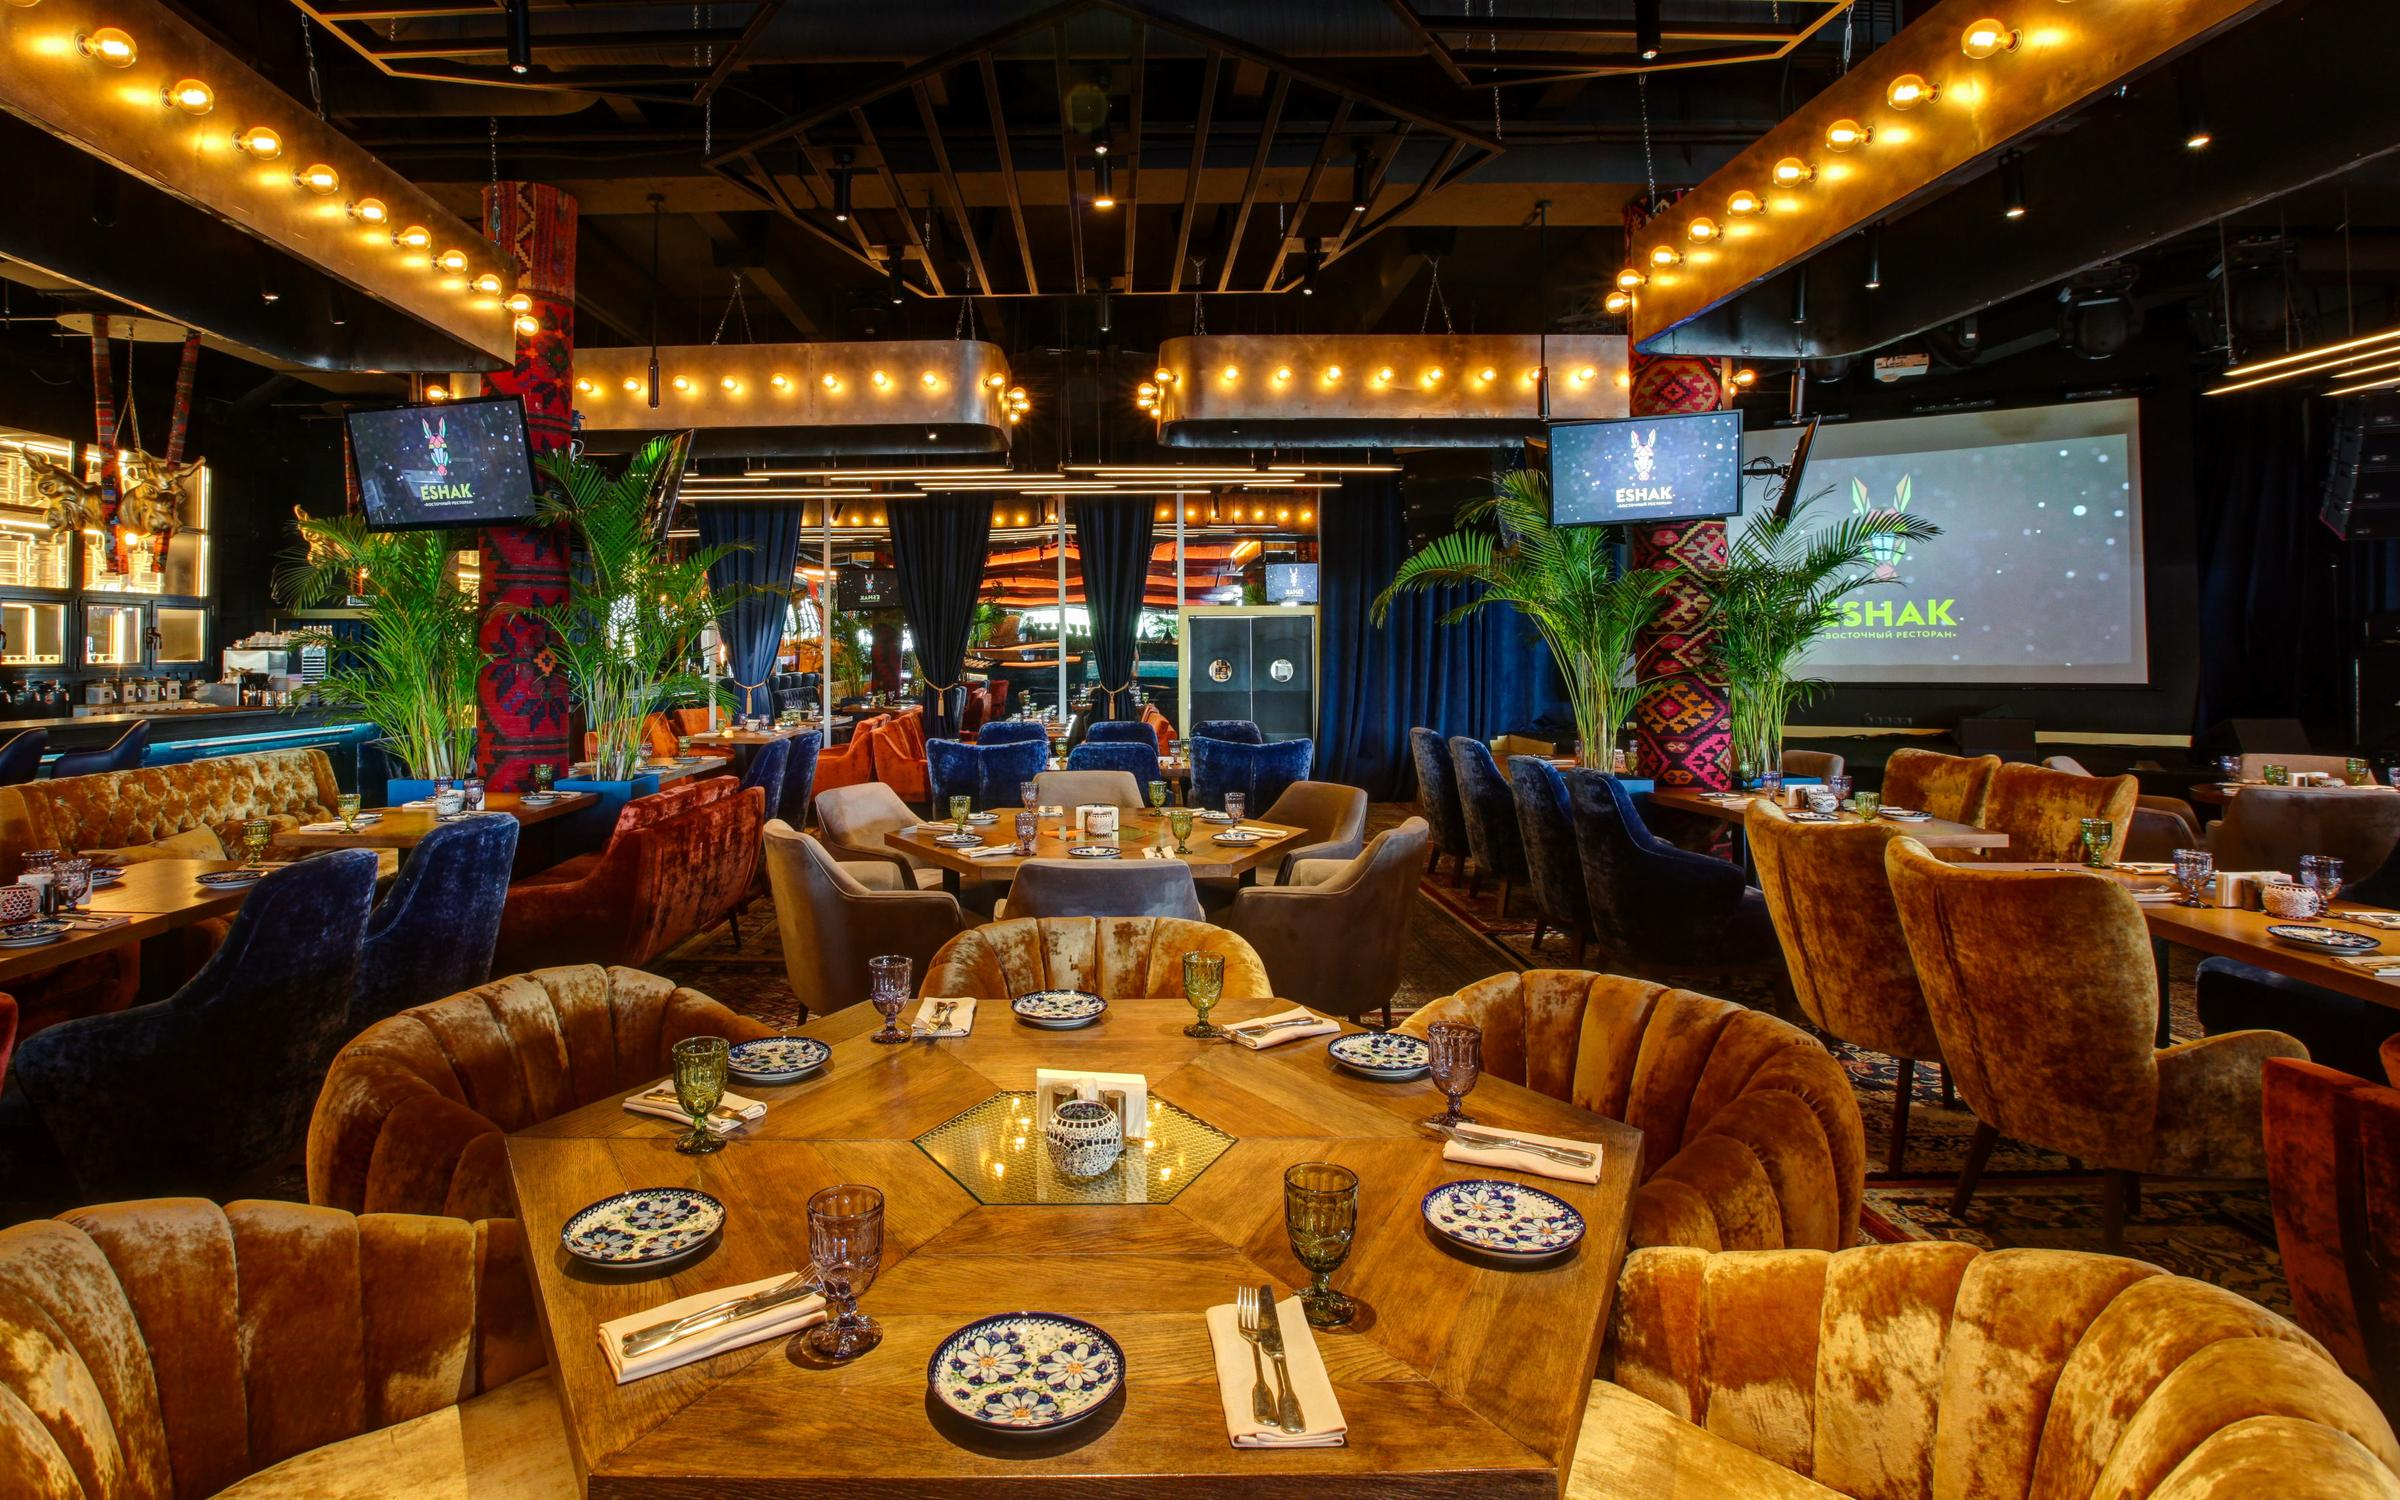 фотография Ресторана Eshak на Арбате